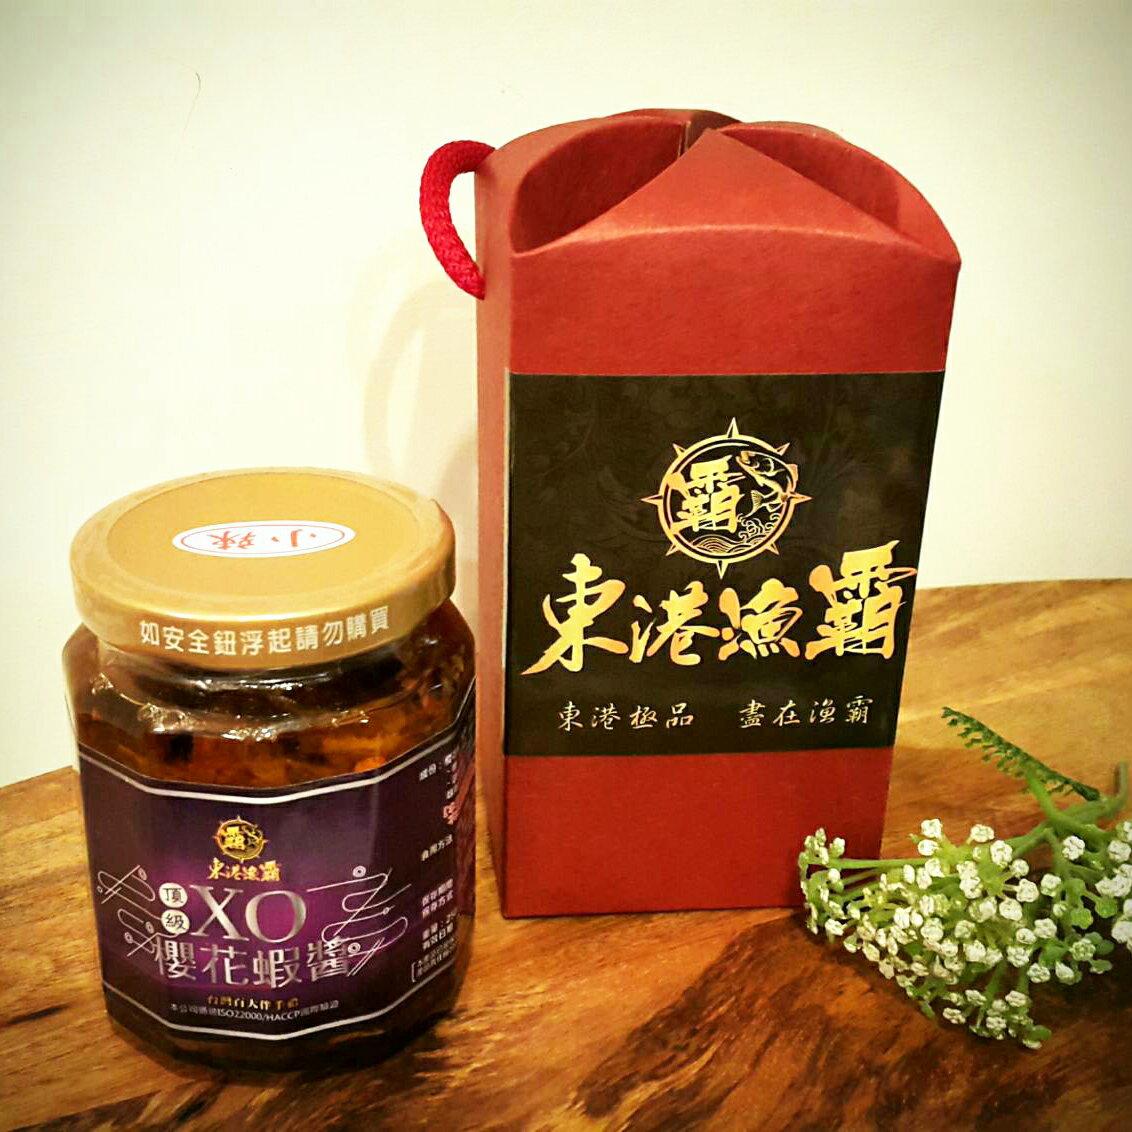 【東港漁霸】頂級XO櫻花蝦醬 --- 250克(罐) 海鮮醬 / 櫻花蝦 / 禮盒